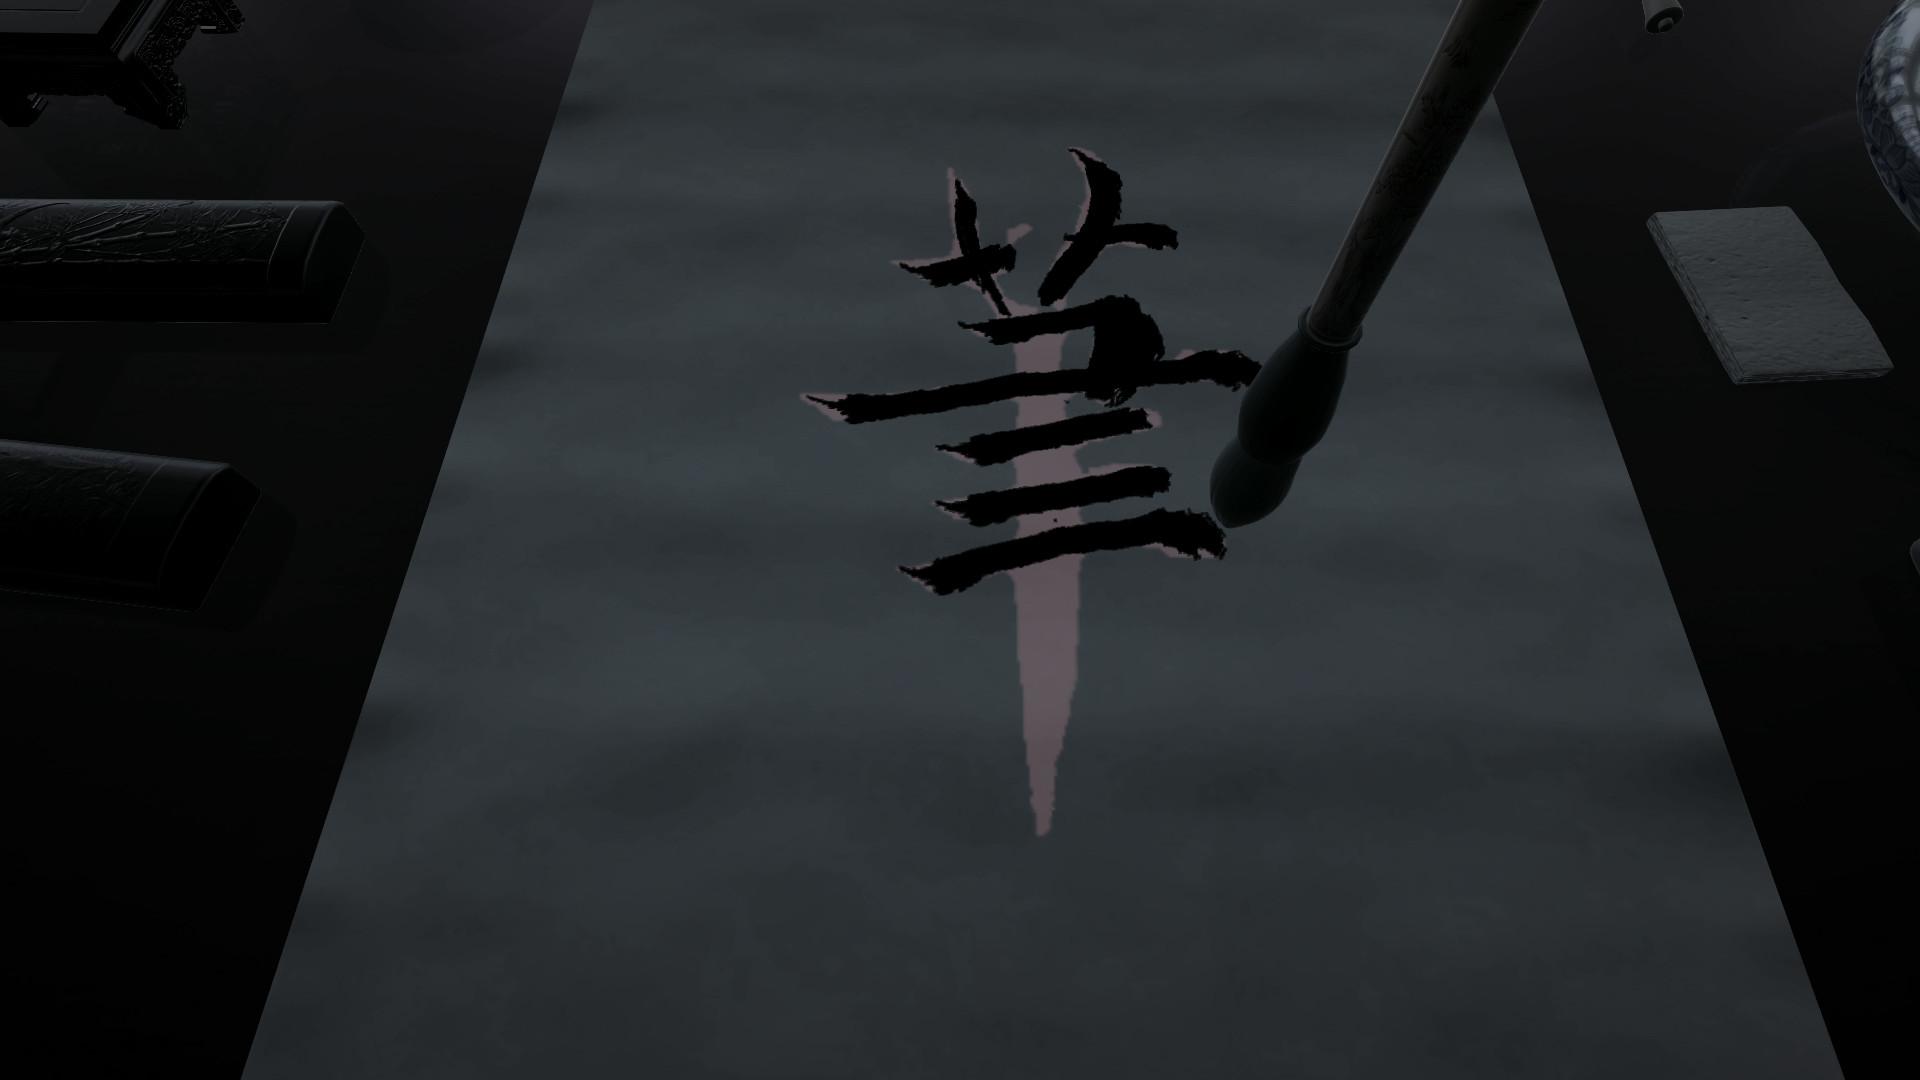 模拟游戏《毛笔模拟器》上架Steam 2月1日发售